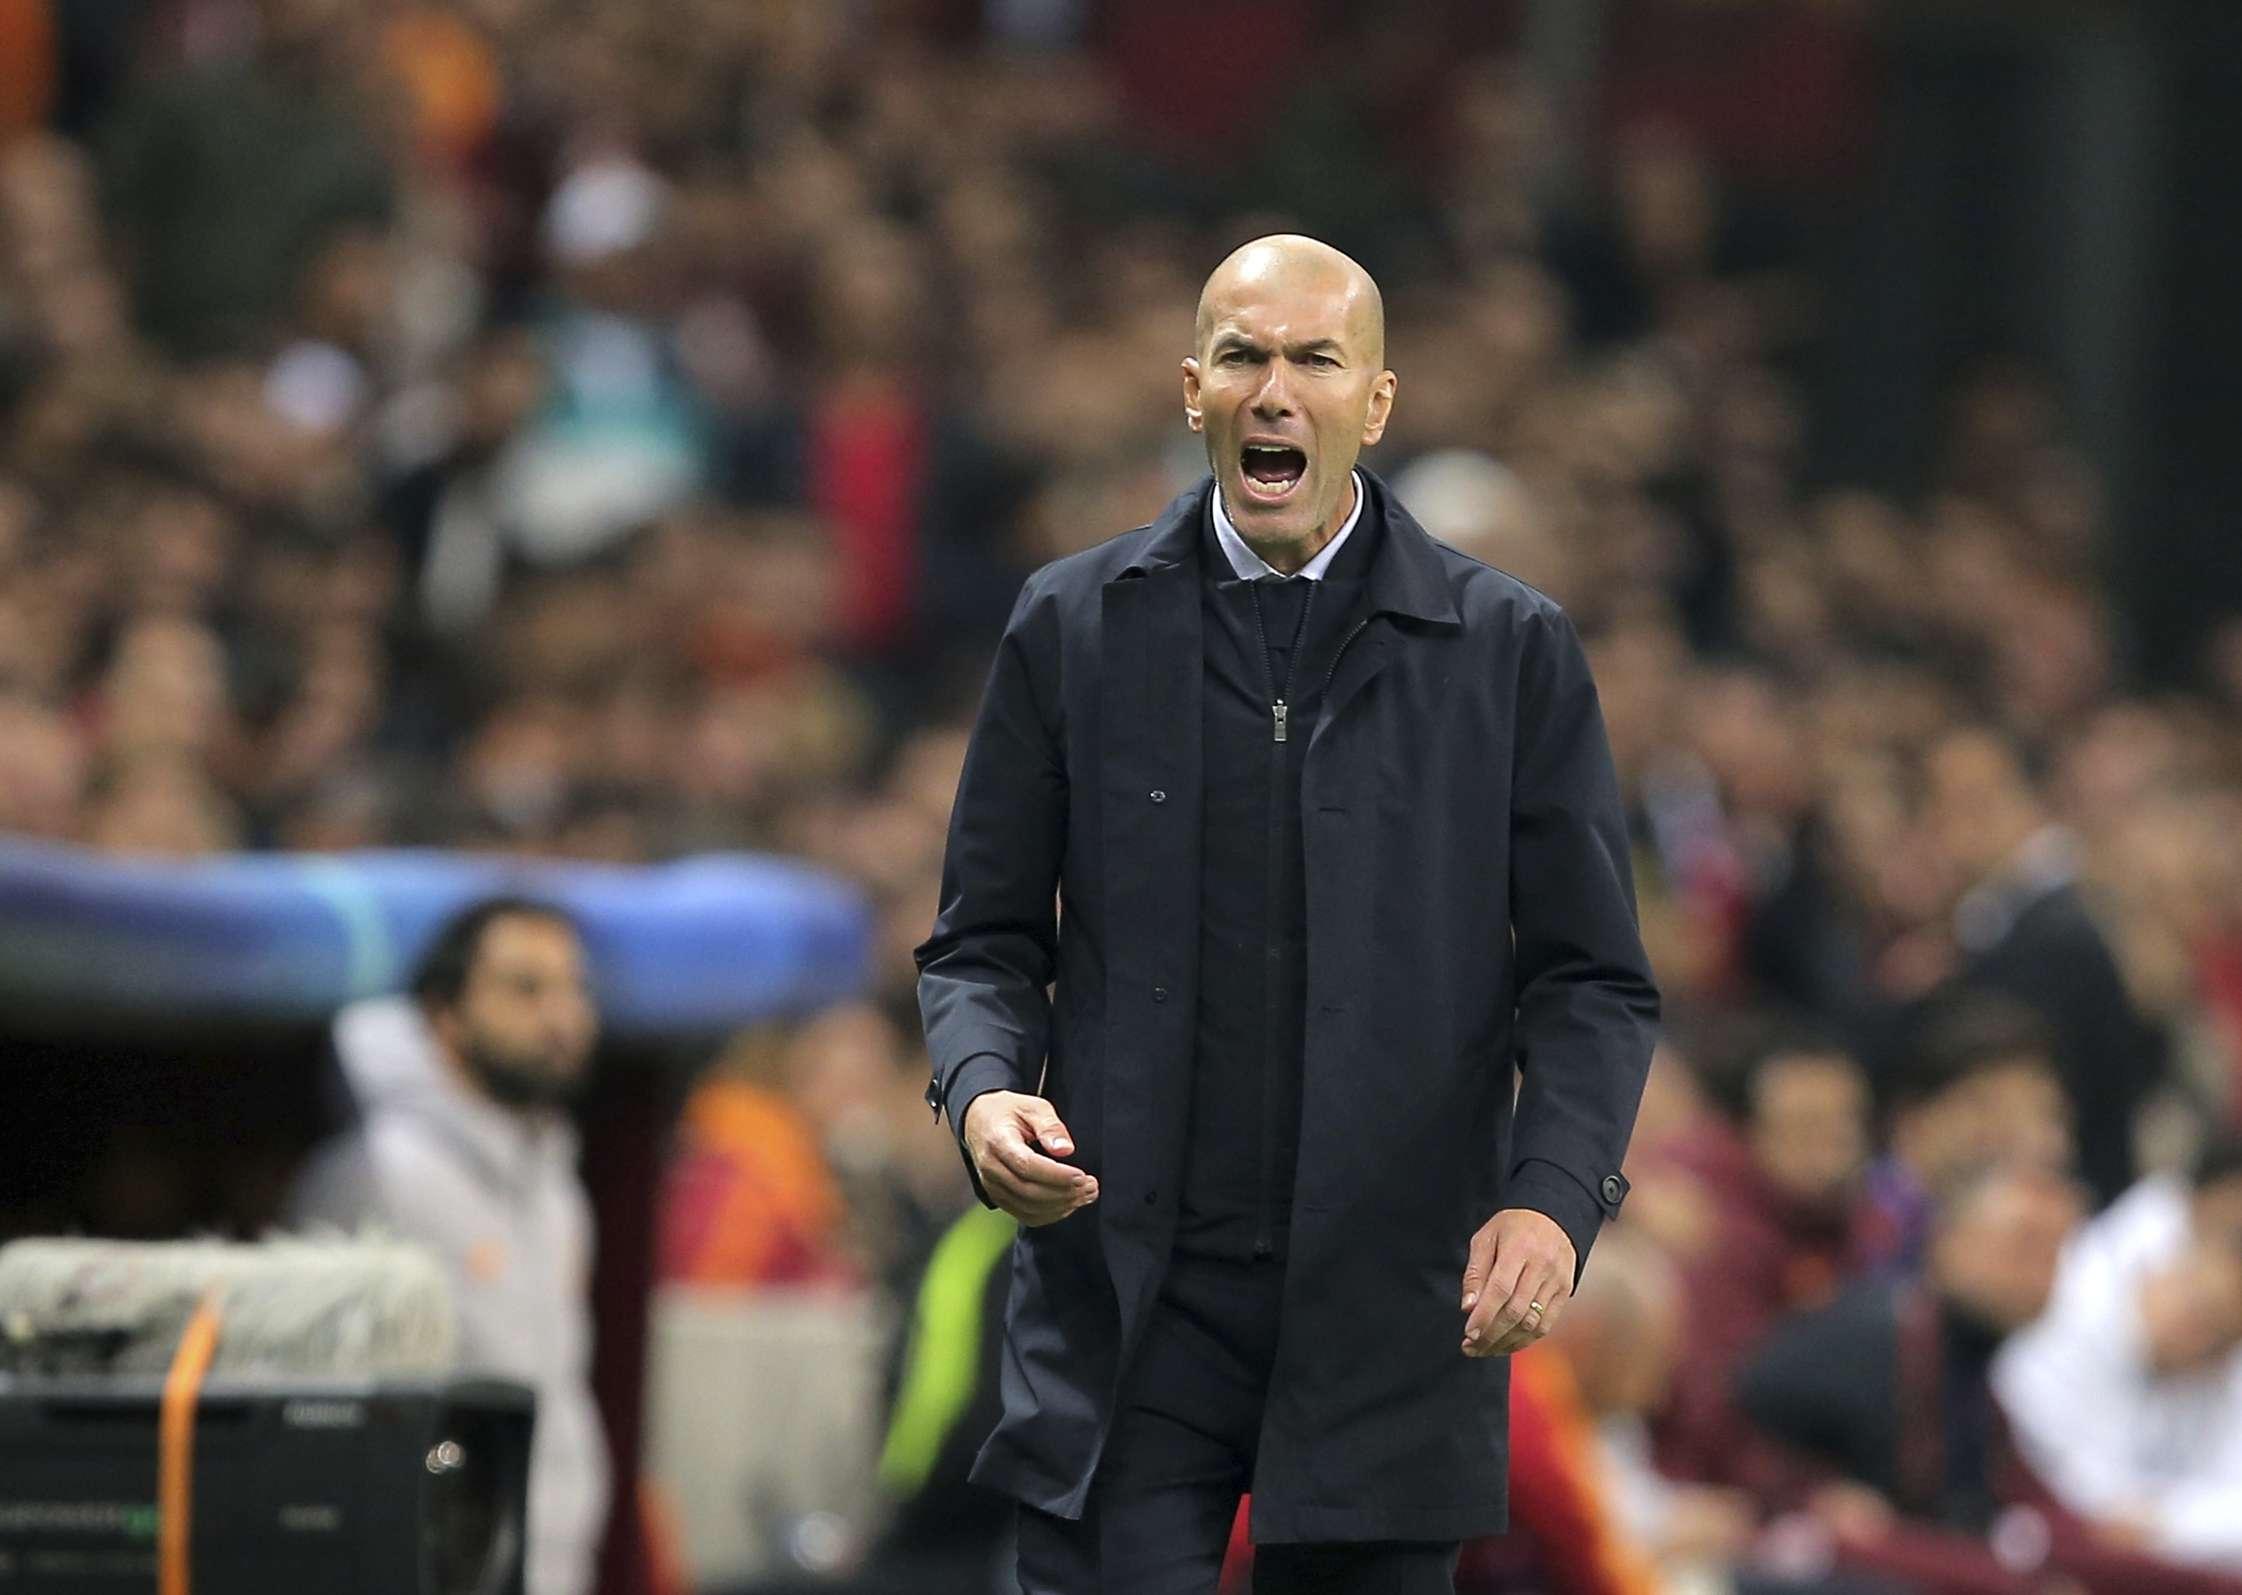 Zinedine Zidane, técnico del Real Madrid, ofreció una rueda de prensa en la que la situación de Gareth Bale fue punto de atención. Foto: AP